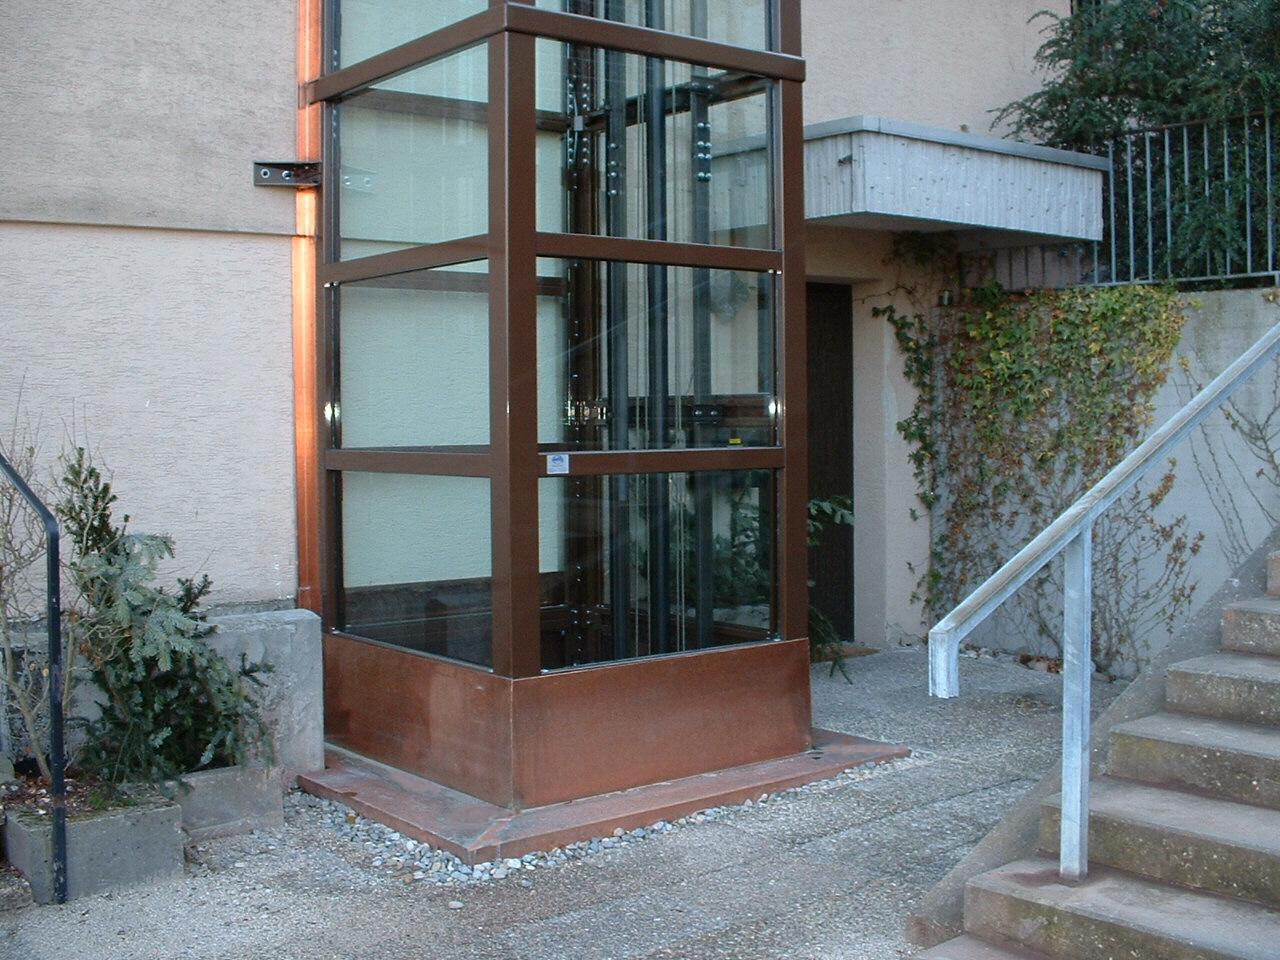 Zugang zu gläsernem Aufzug außen im Hof